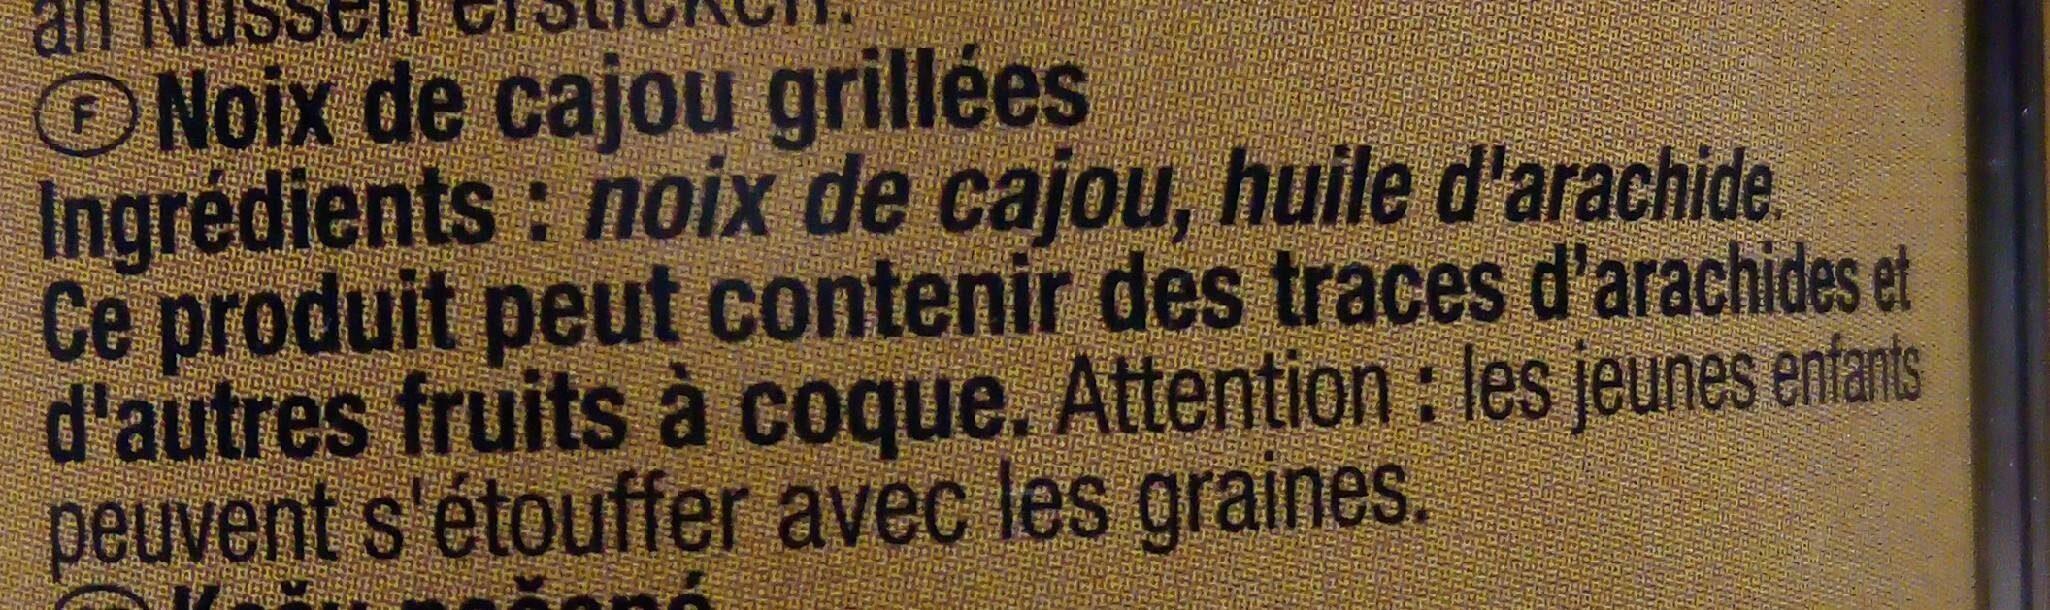 Noix de cajou grillées - Ingrédients - fr